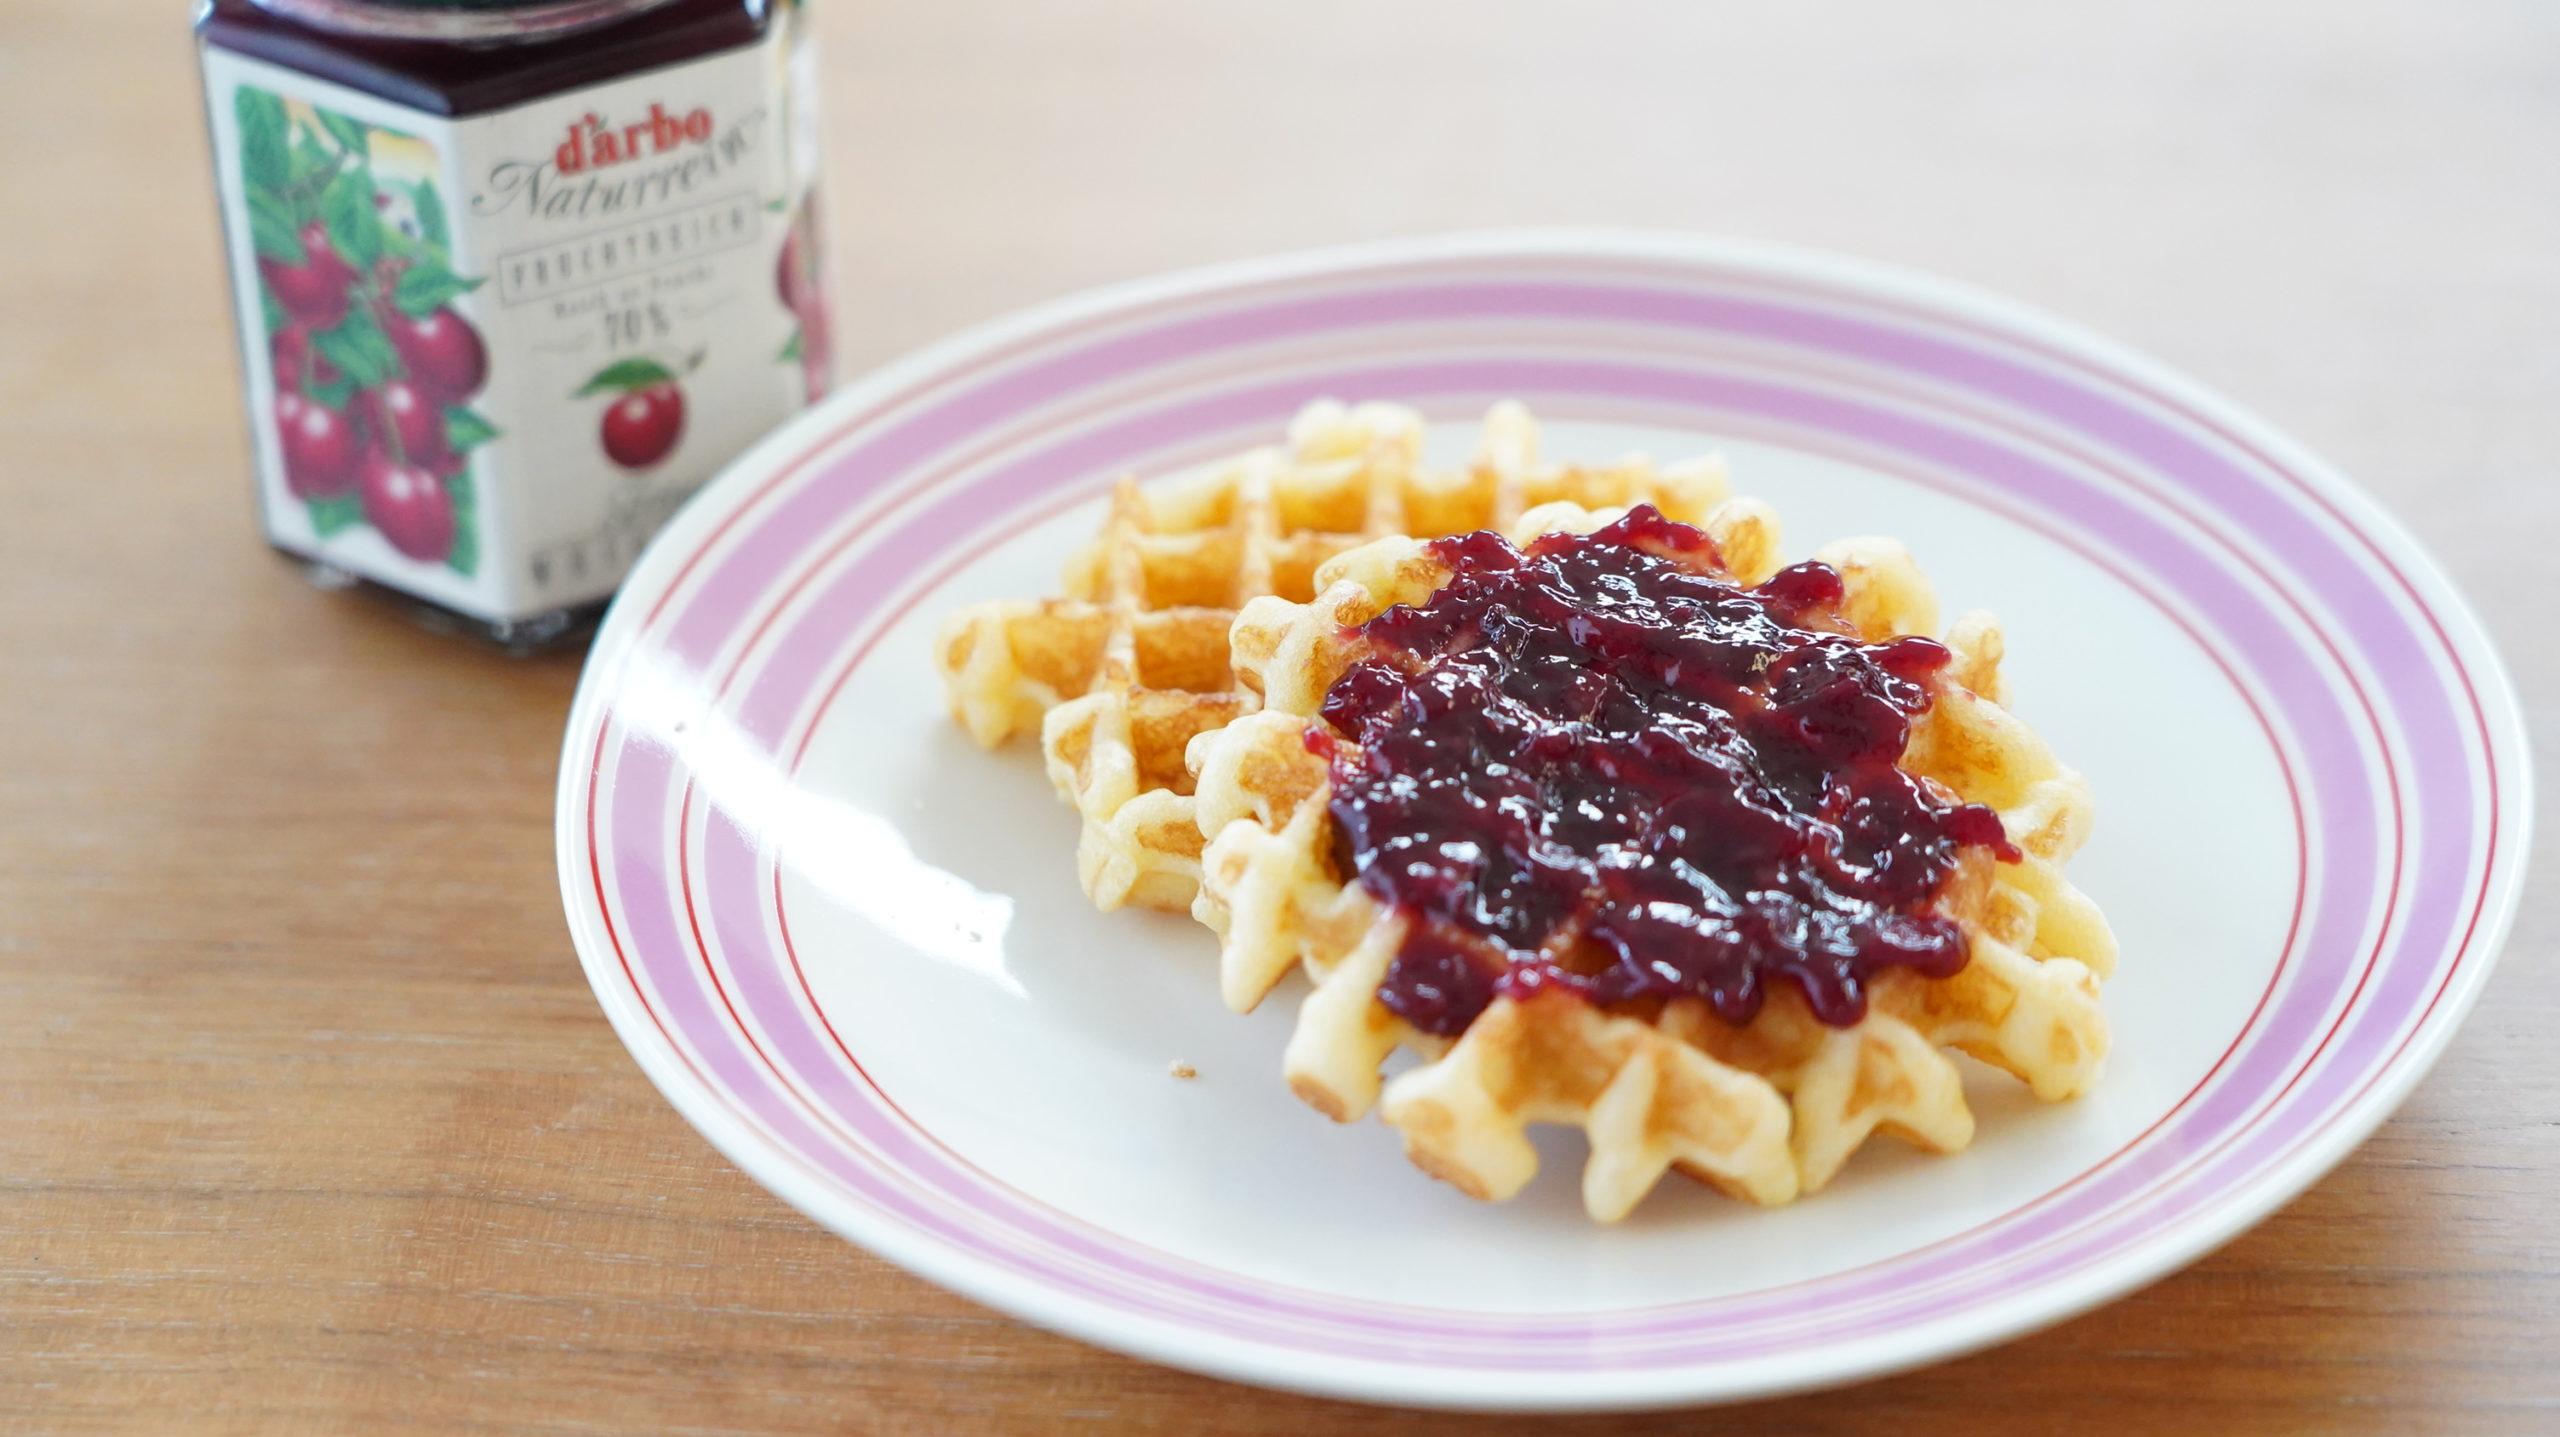 コストコの冷凍食品「ベルギー・バターワッフル」にジャムをかけた写真